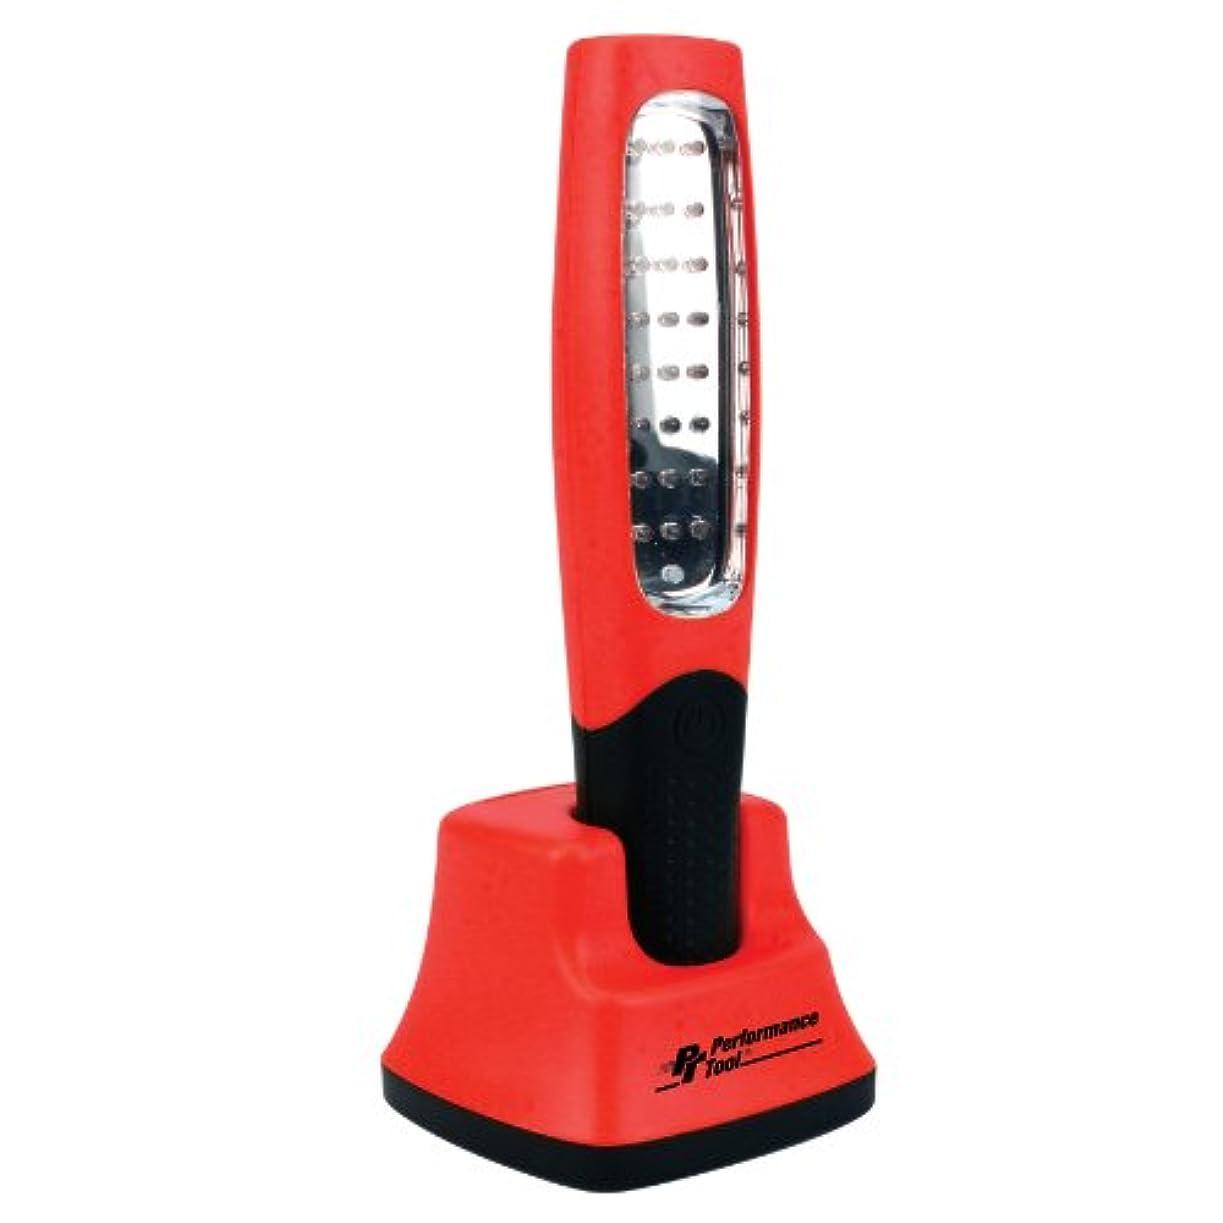 ラッカス特にそのパフォーマンスツールW2480 360度回転吊りフック付き充電式24 LEDワークライト